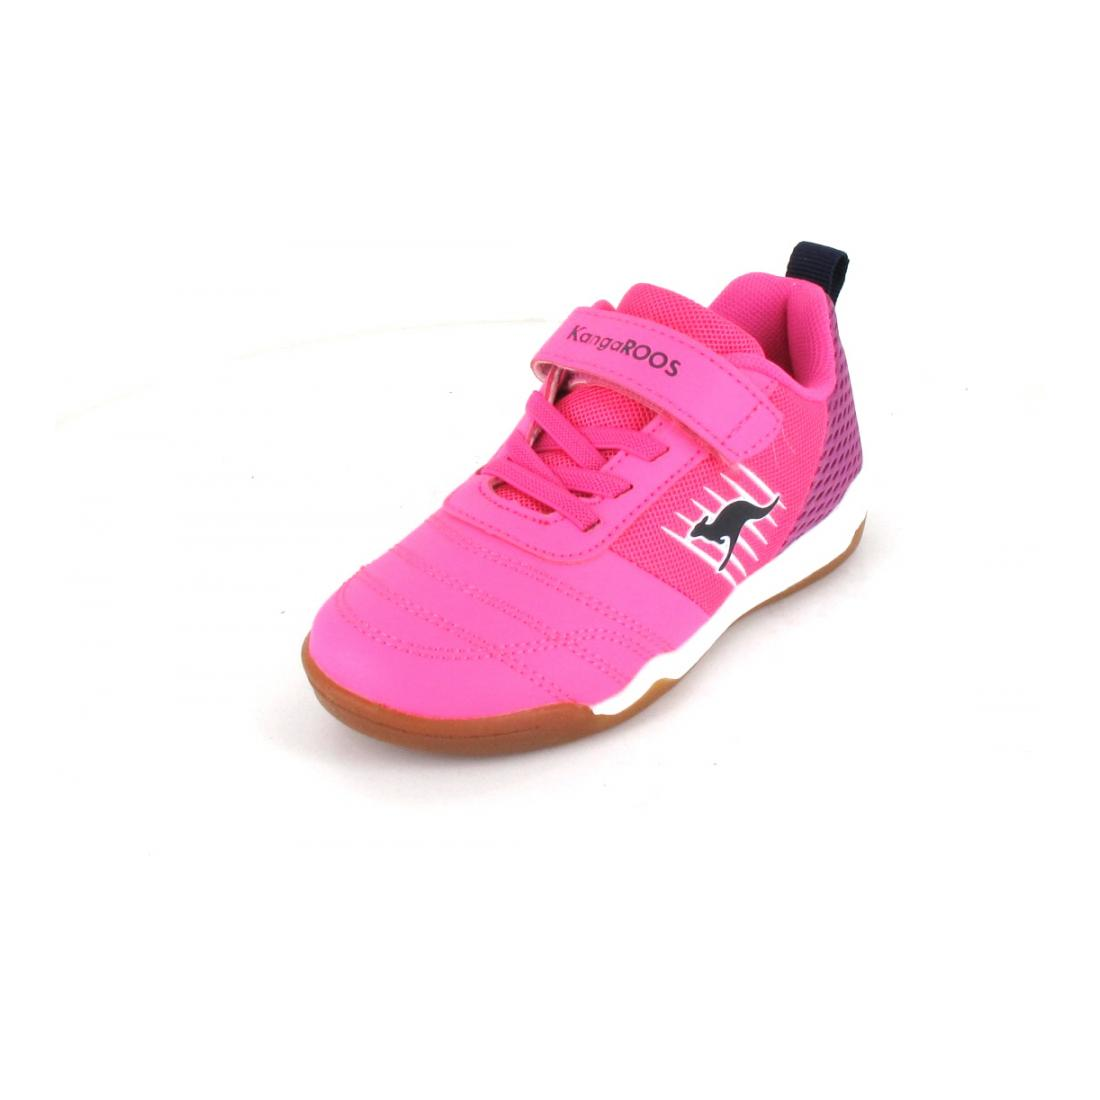 KangaRoos Sneaker Super Court EV